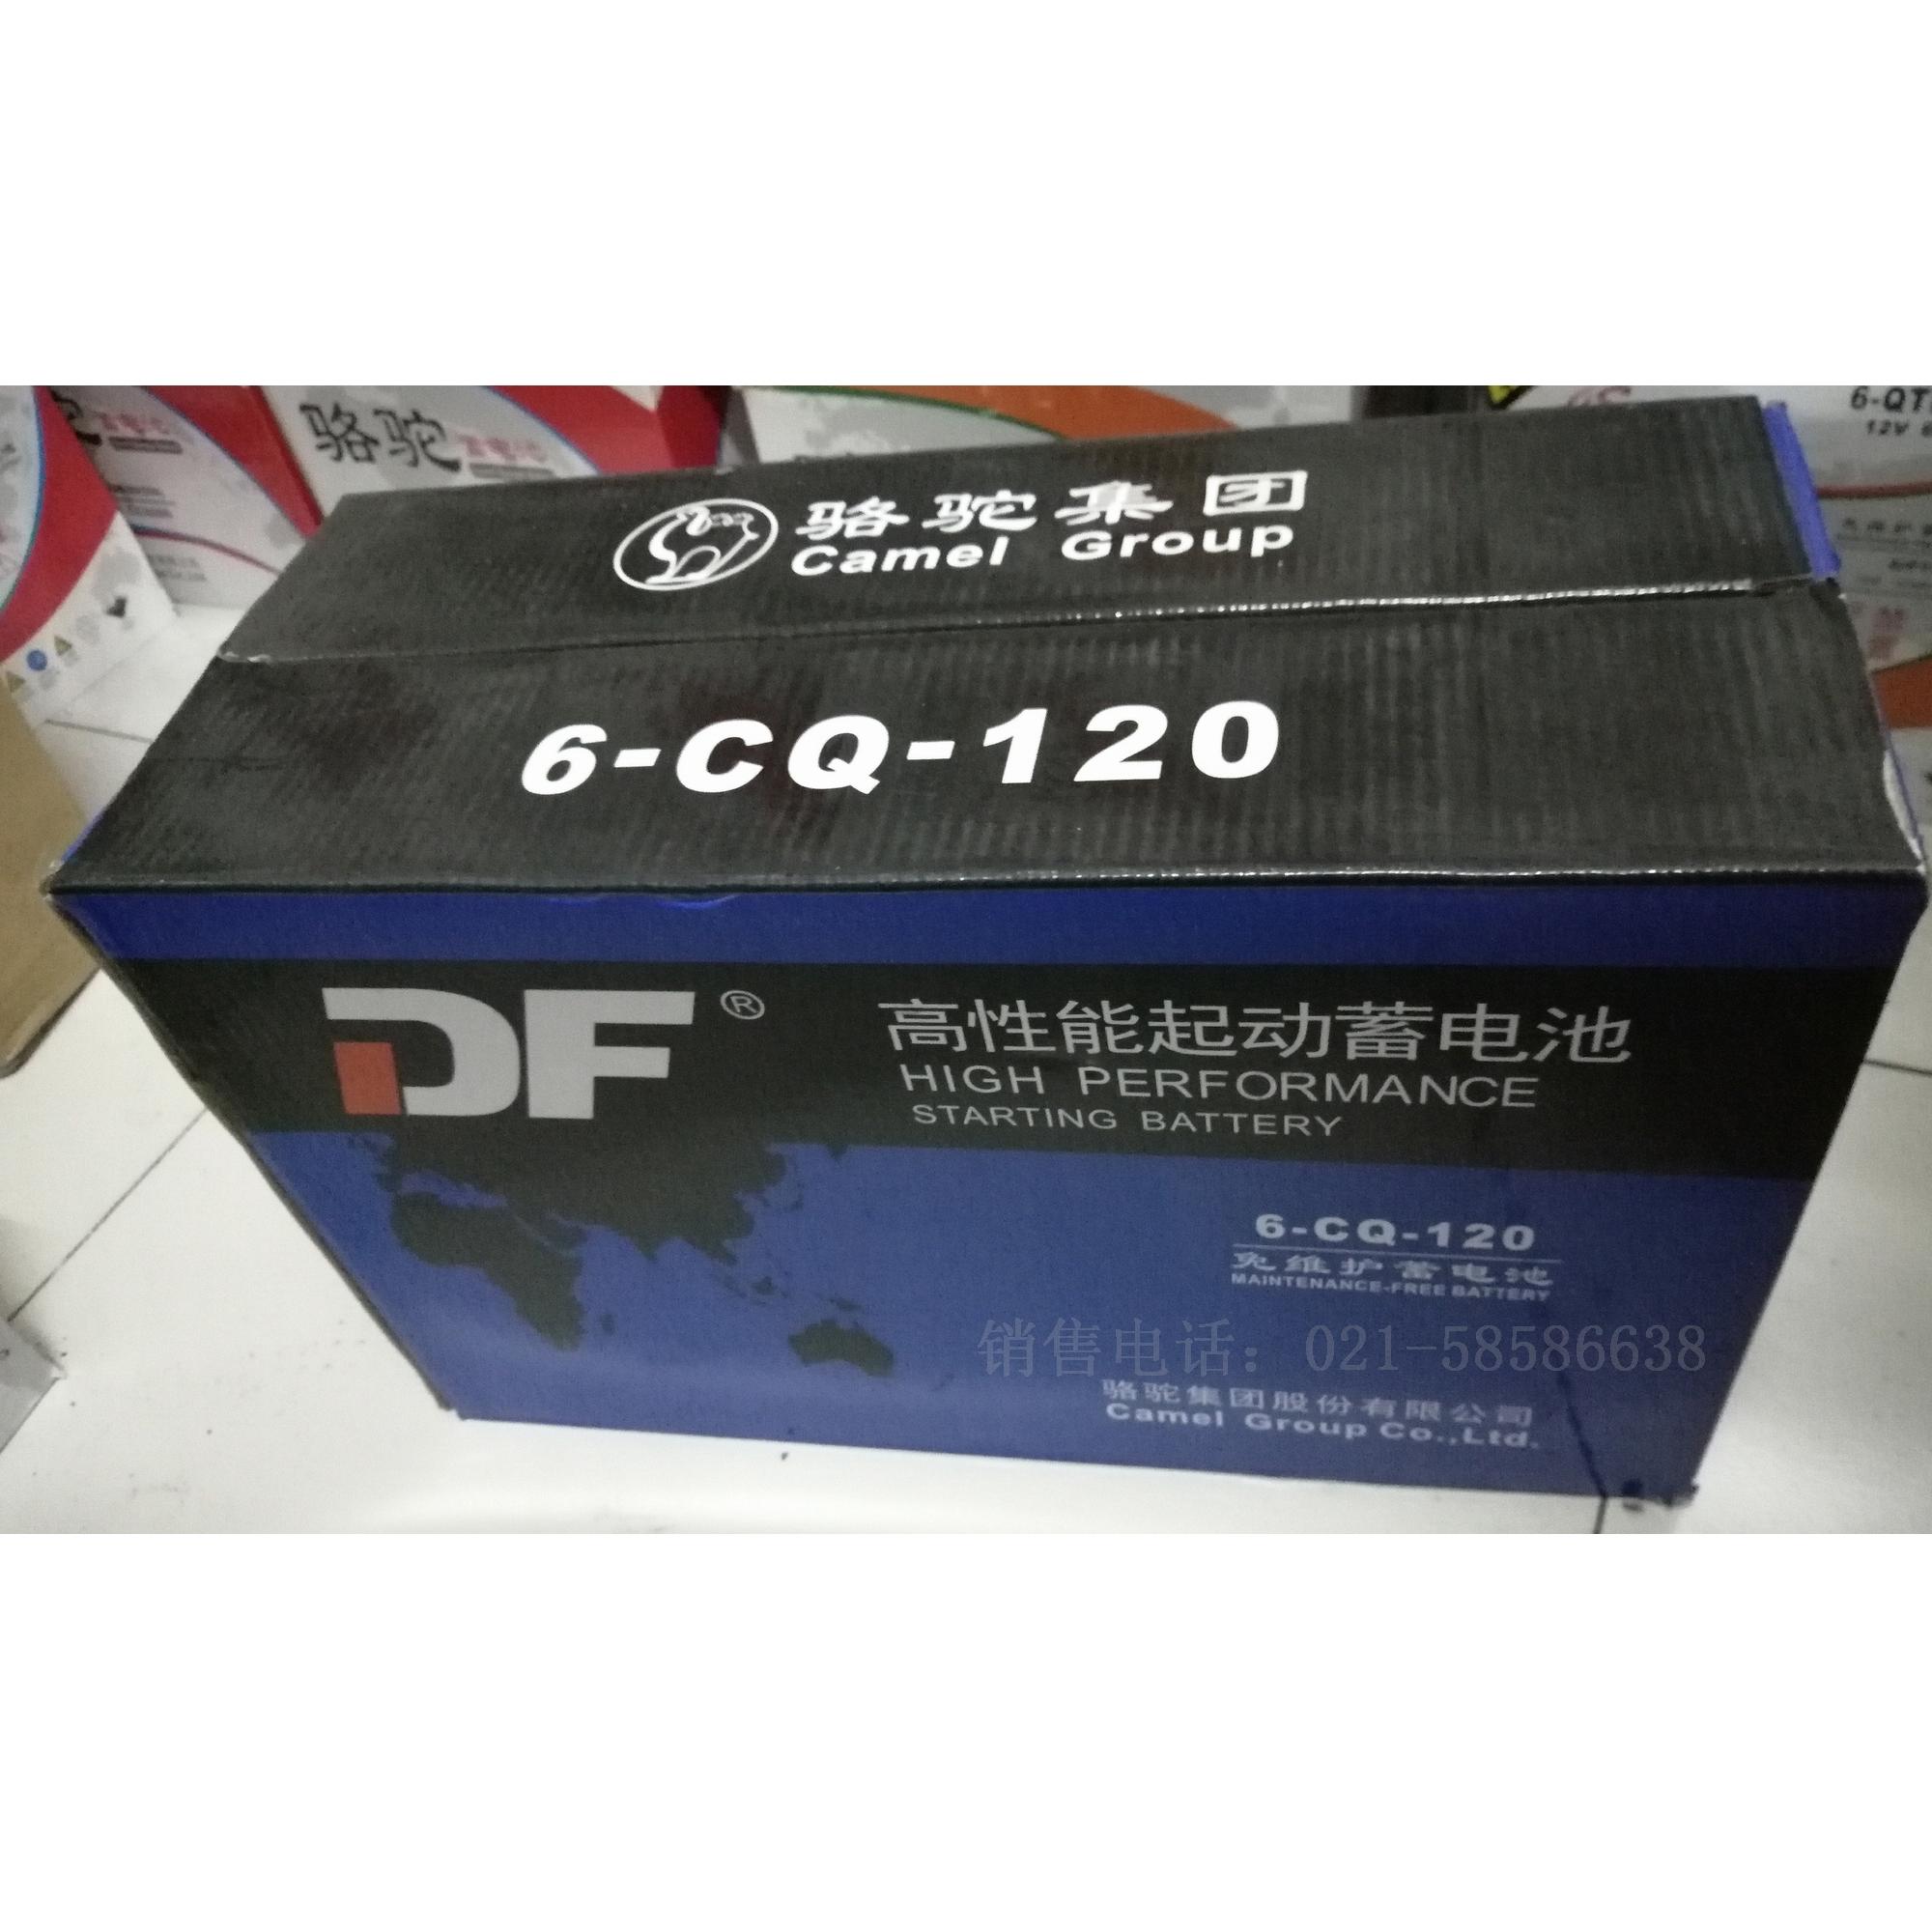 骆驼蓄电池  阿波罗DF电瓶 6-CQ-120船舶用电瓶 12V120Ah启动蓄电